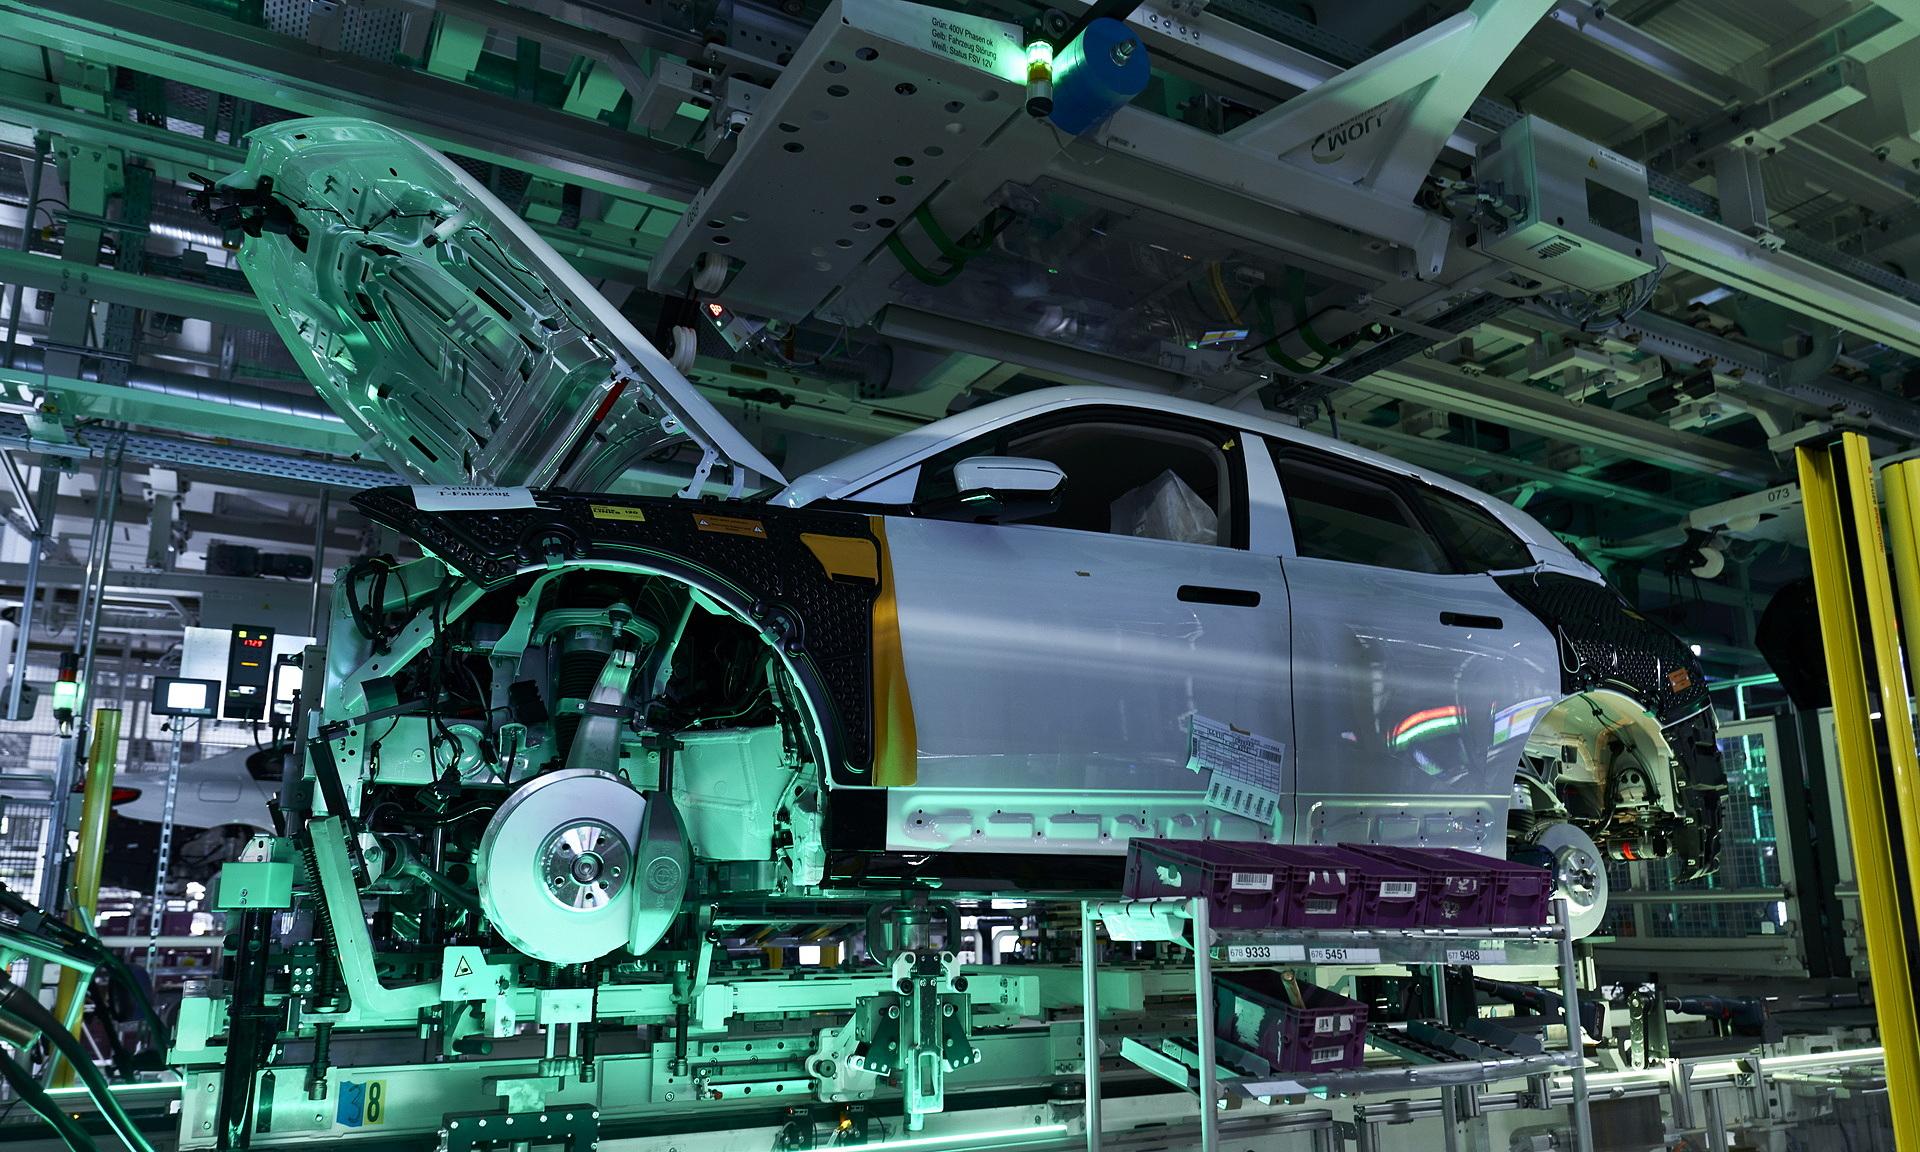 Dây truyền sản xuất một mẫu xe hơi.